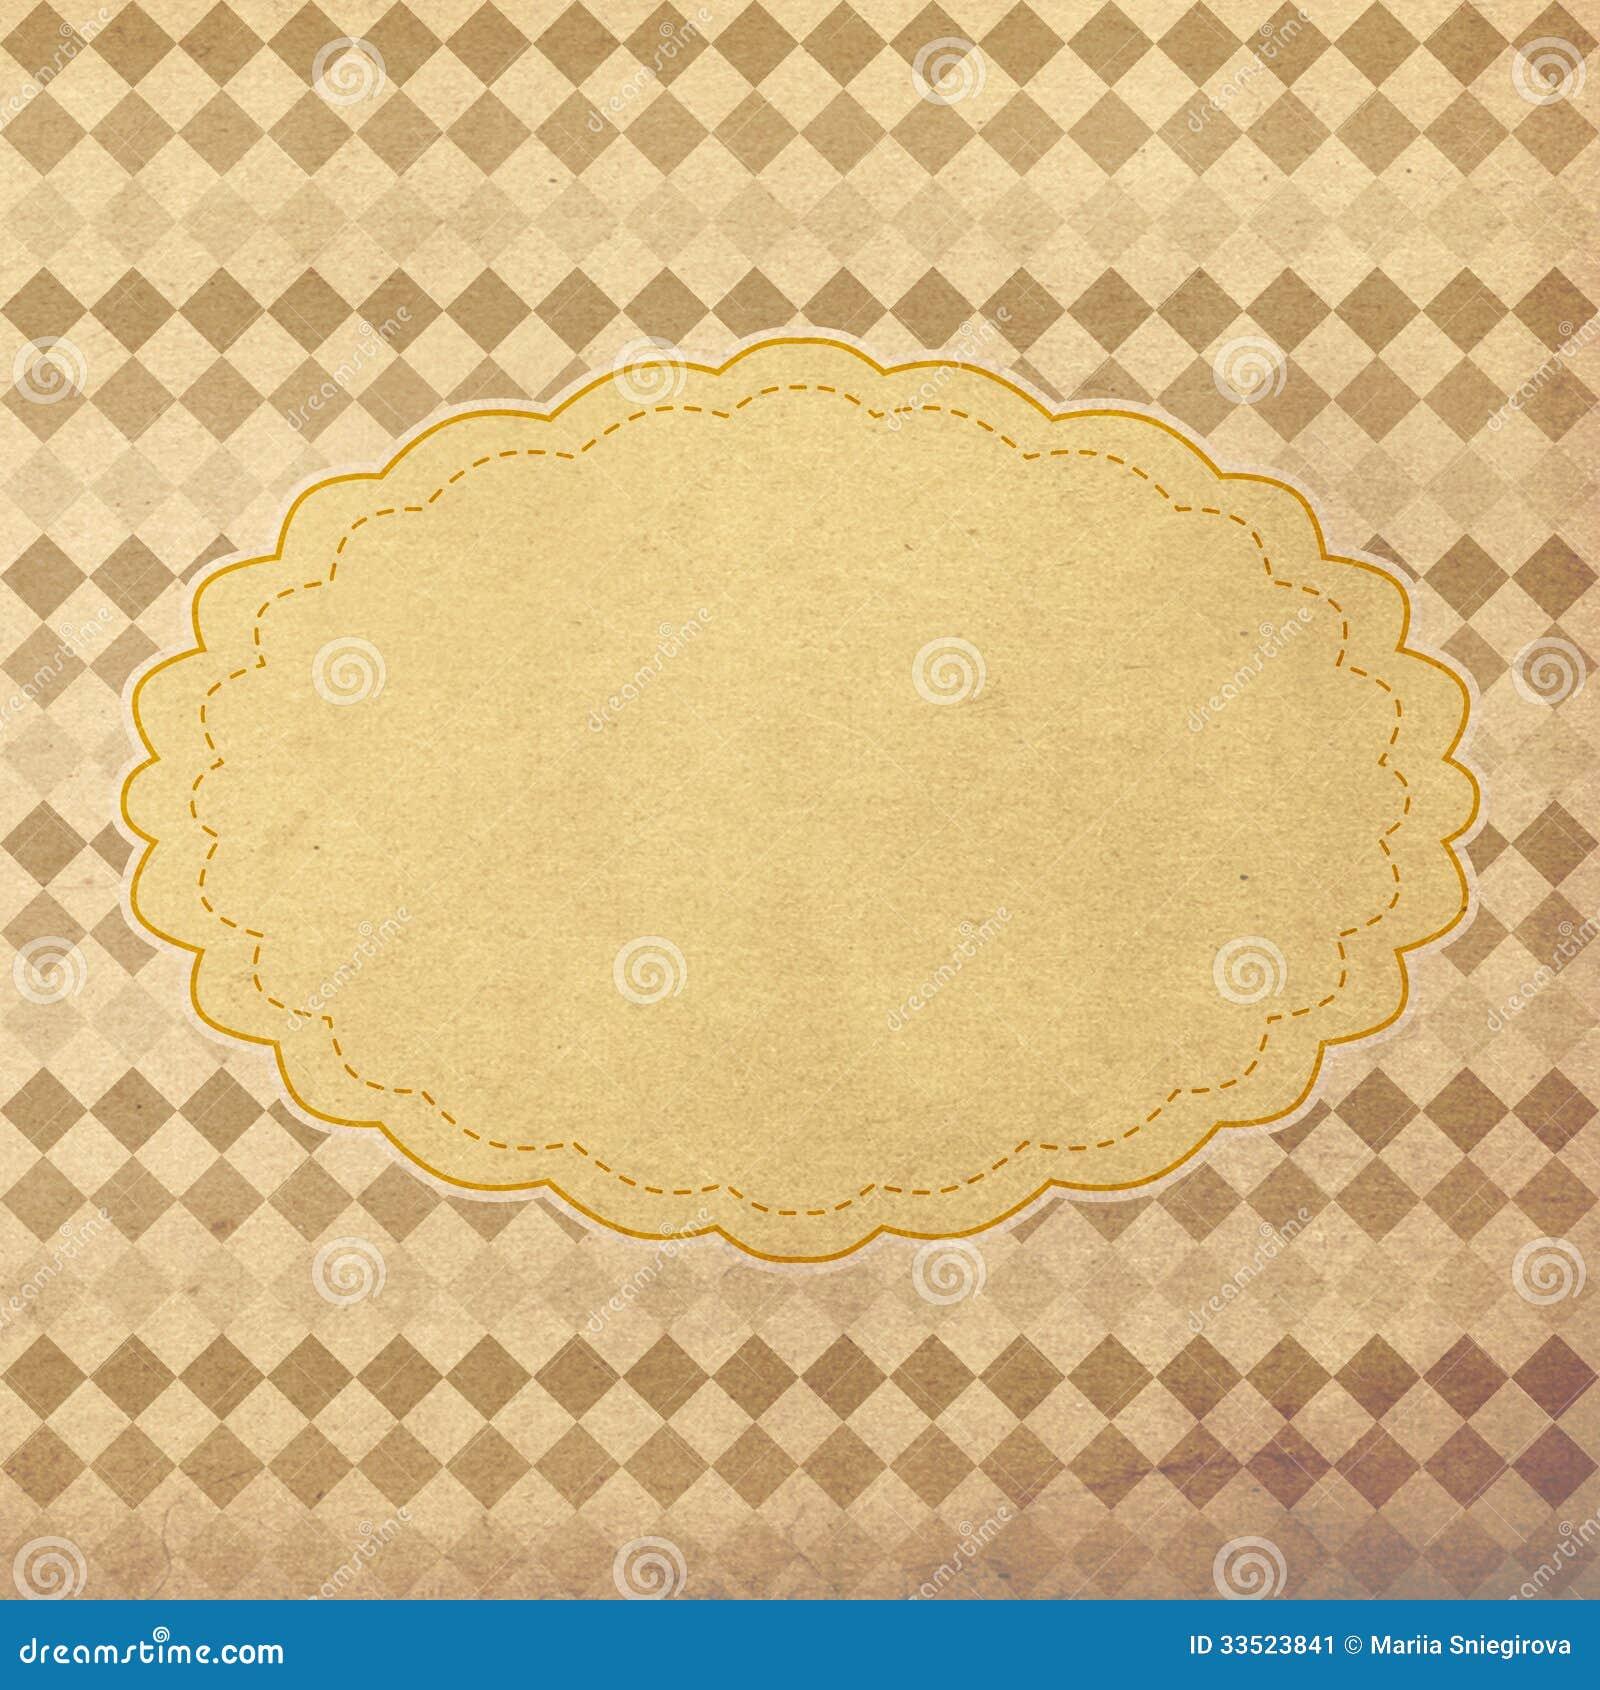 vintage background polka dot style stock image image